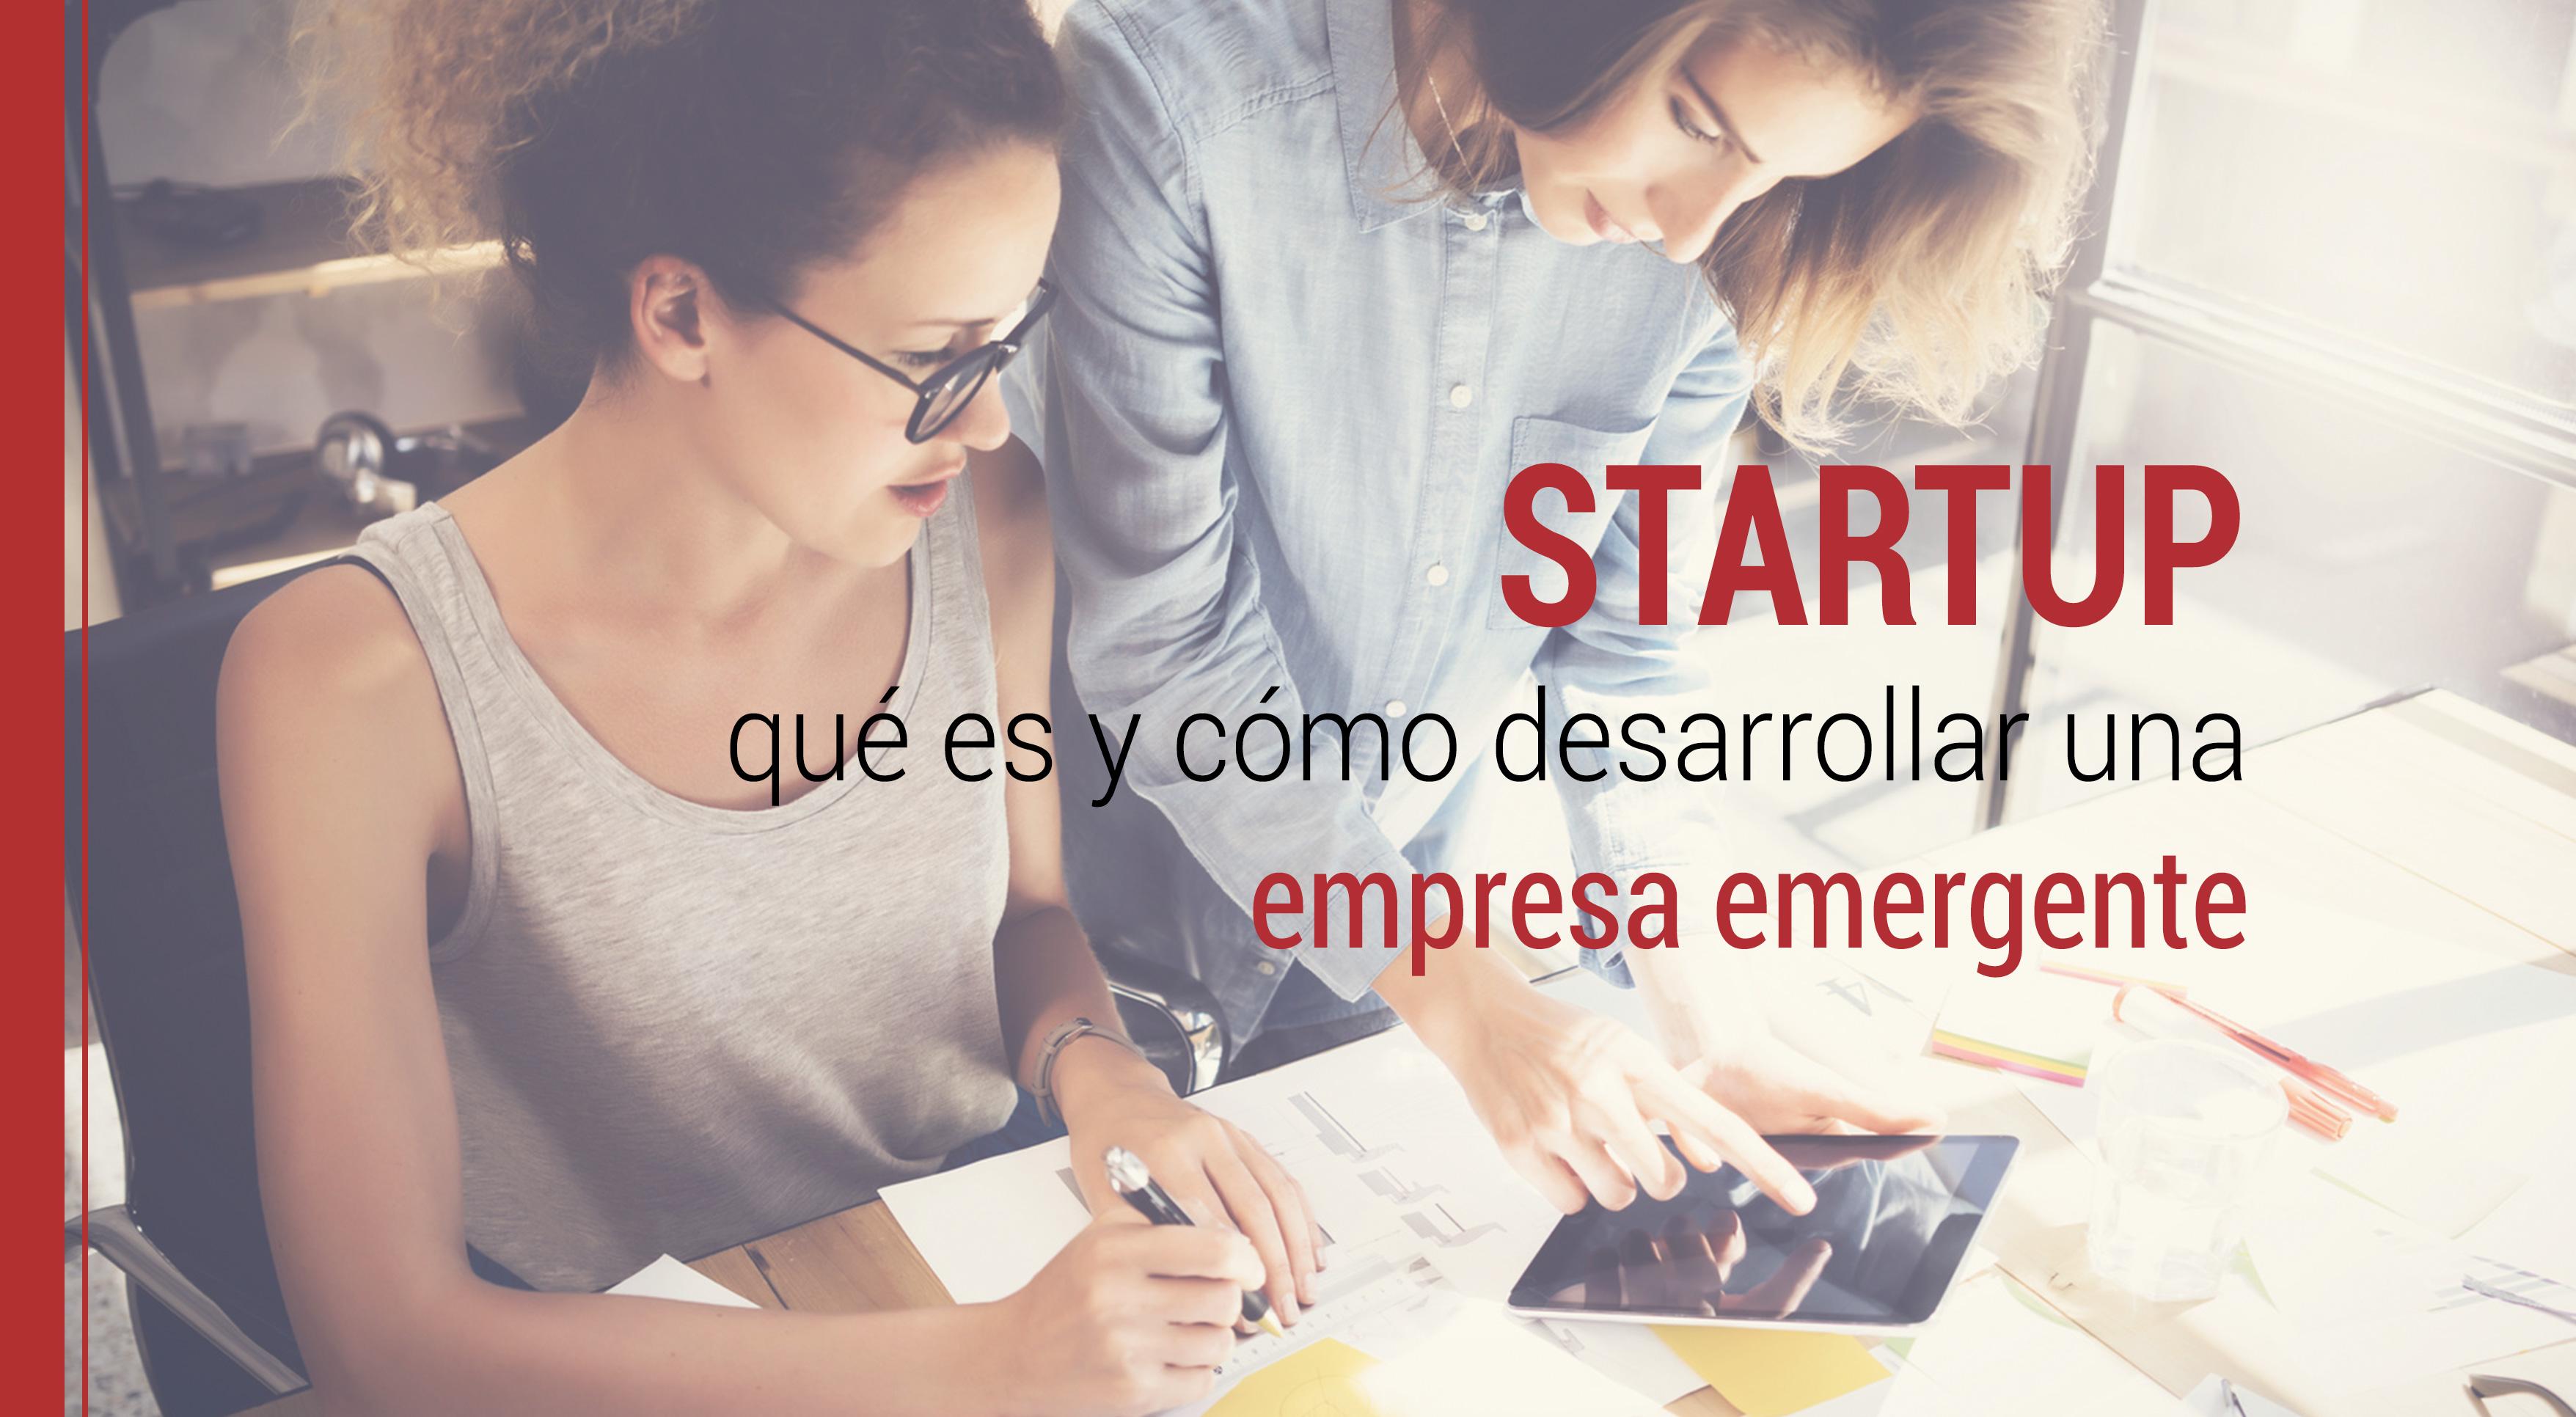 startup-que-es-empresa-emergente Startup: qué es y cómo desarrollar una empresa emergente